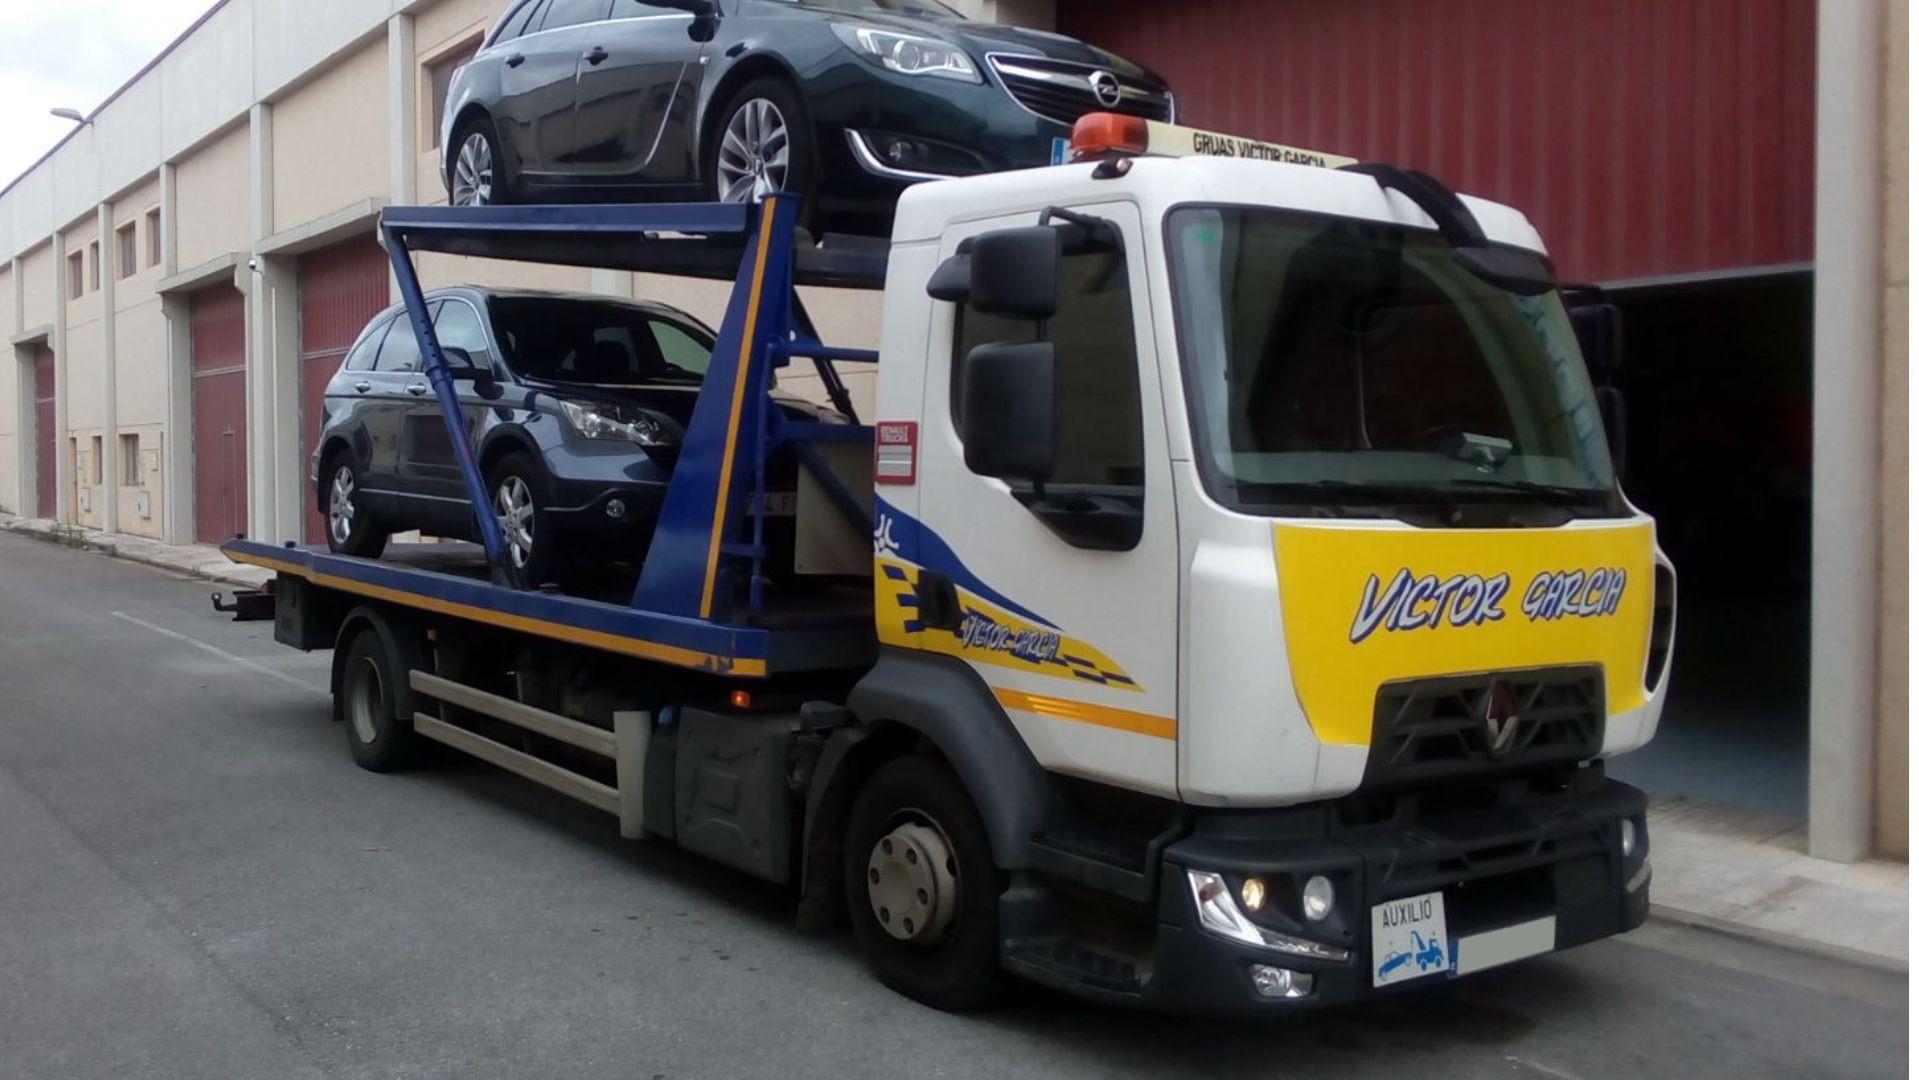 Asistencia en carretera en Cantabria